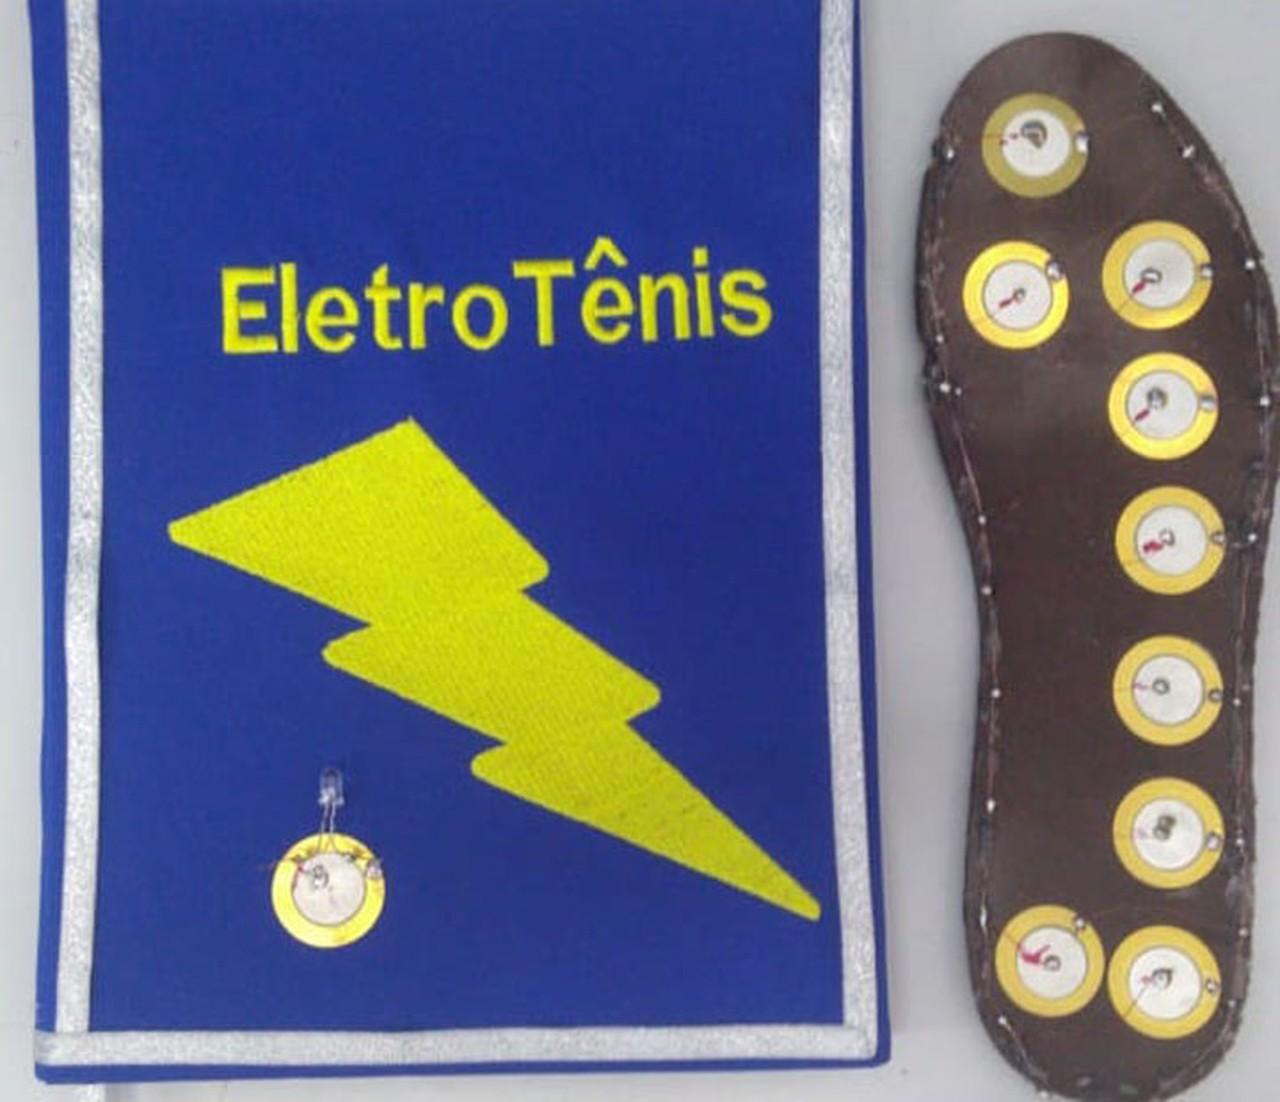 tênis que gera energia limpa carrega celular